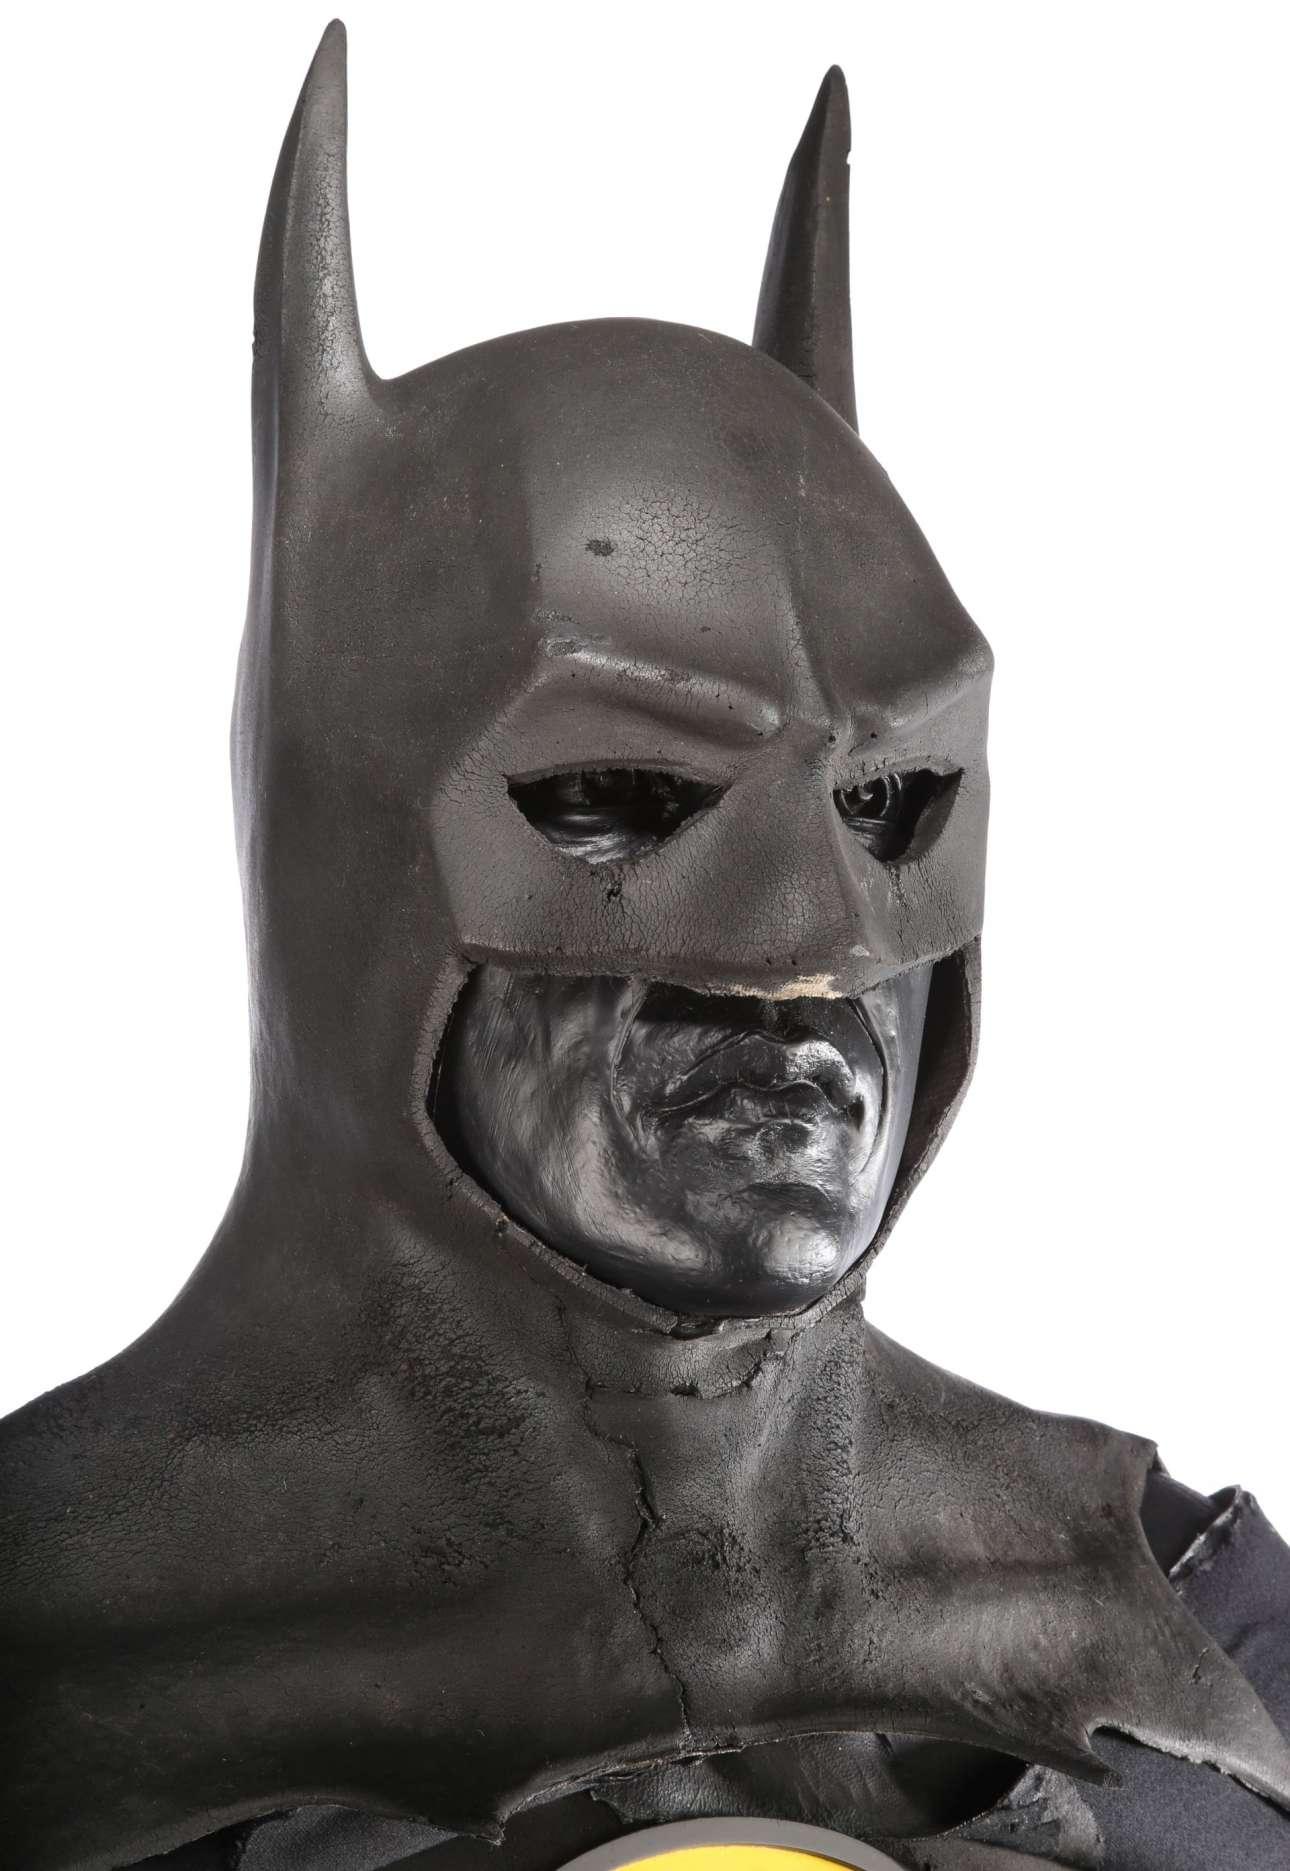 Από 90.000 έως 130.000 ευρώ αναμένεται να συγκεντρώσει η στολή του Μπάτμαν που φόρεσε ο Μάικλ Κίτον στην ομώνυμη ταινία του Τιμ Μπάρτον